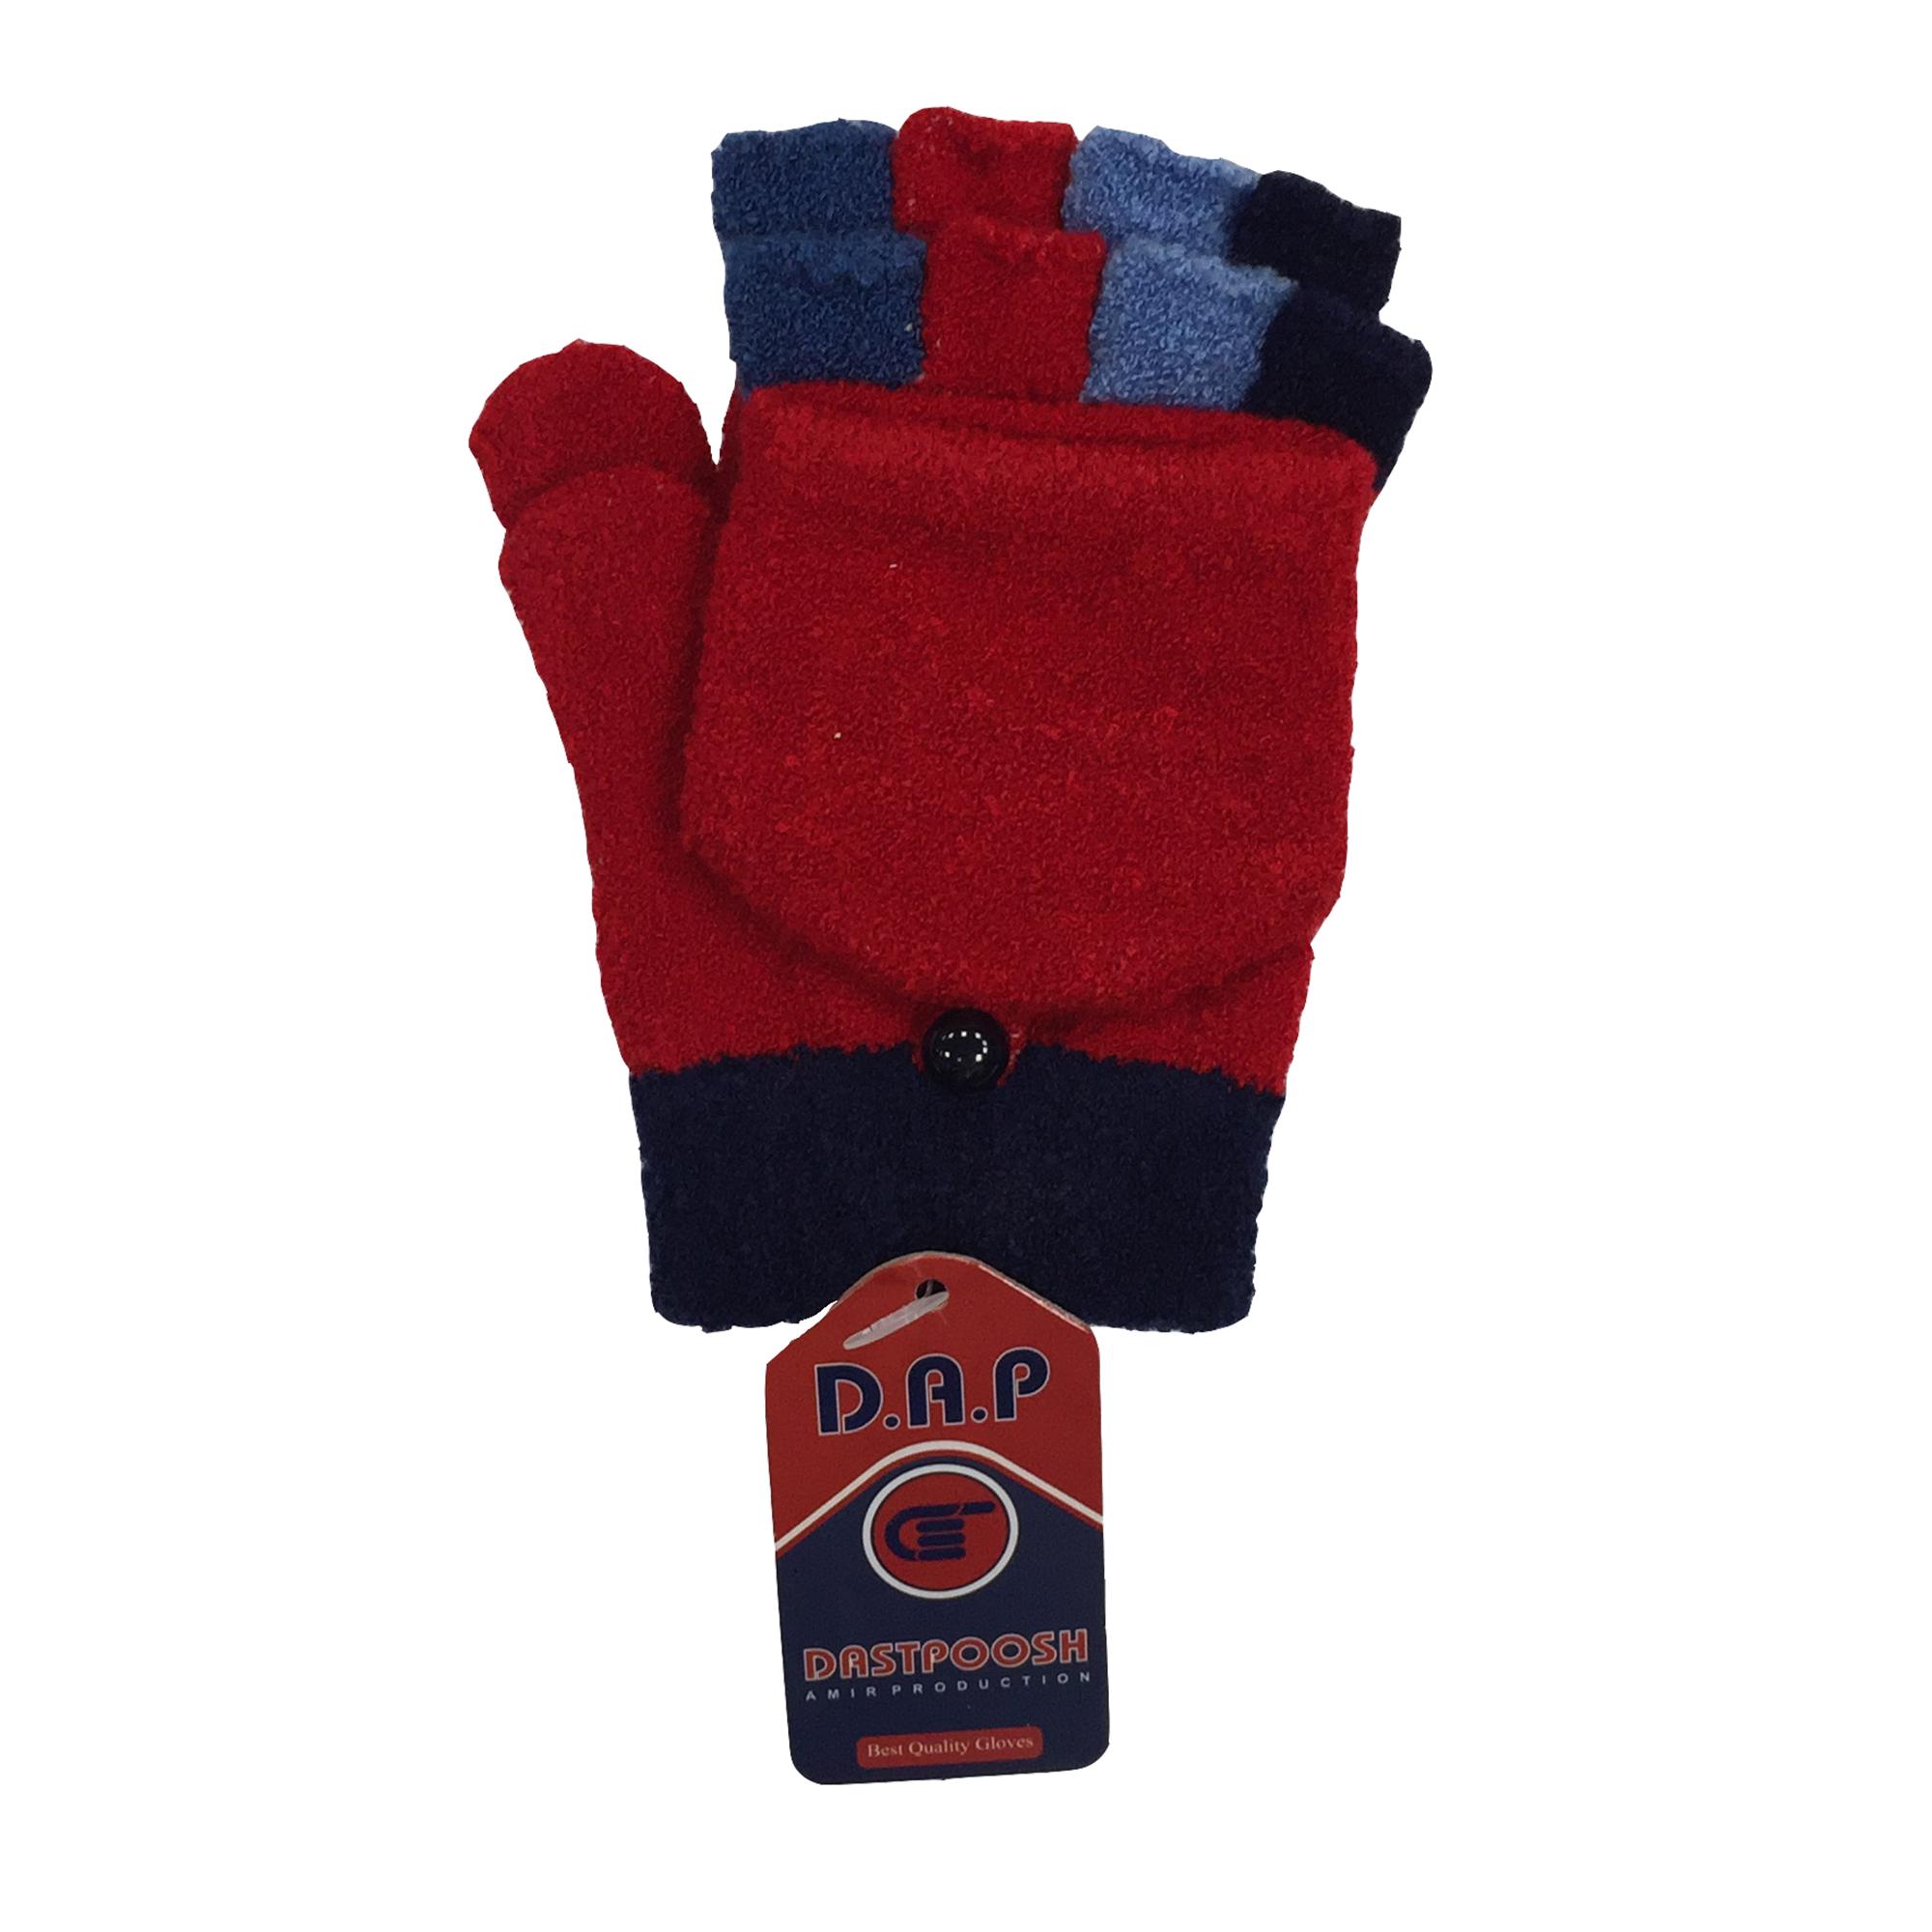 دستکش بافتنی زنانه دستپوش مدل DP250-1003